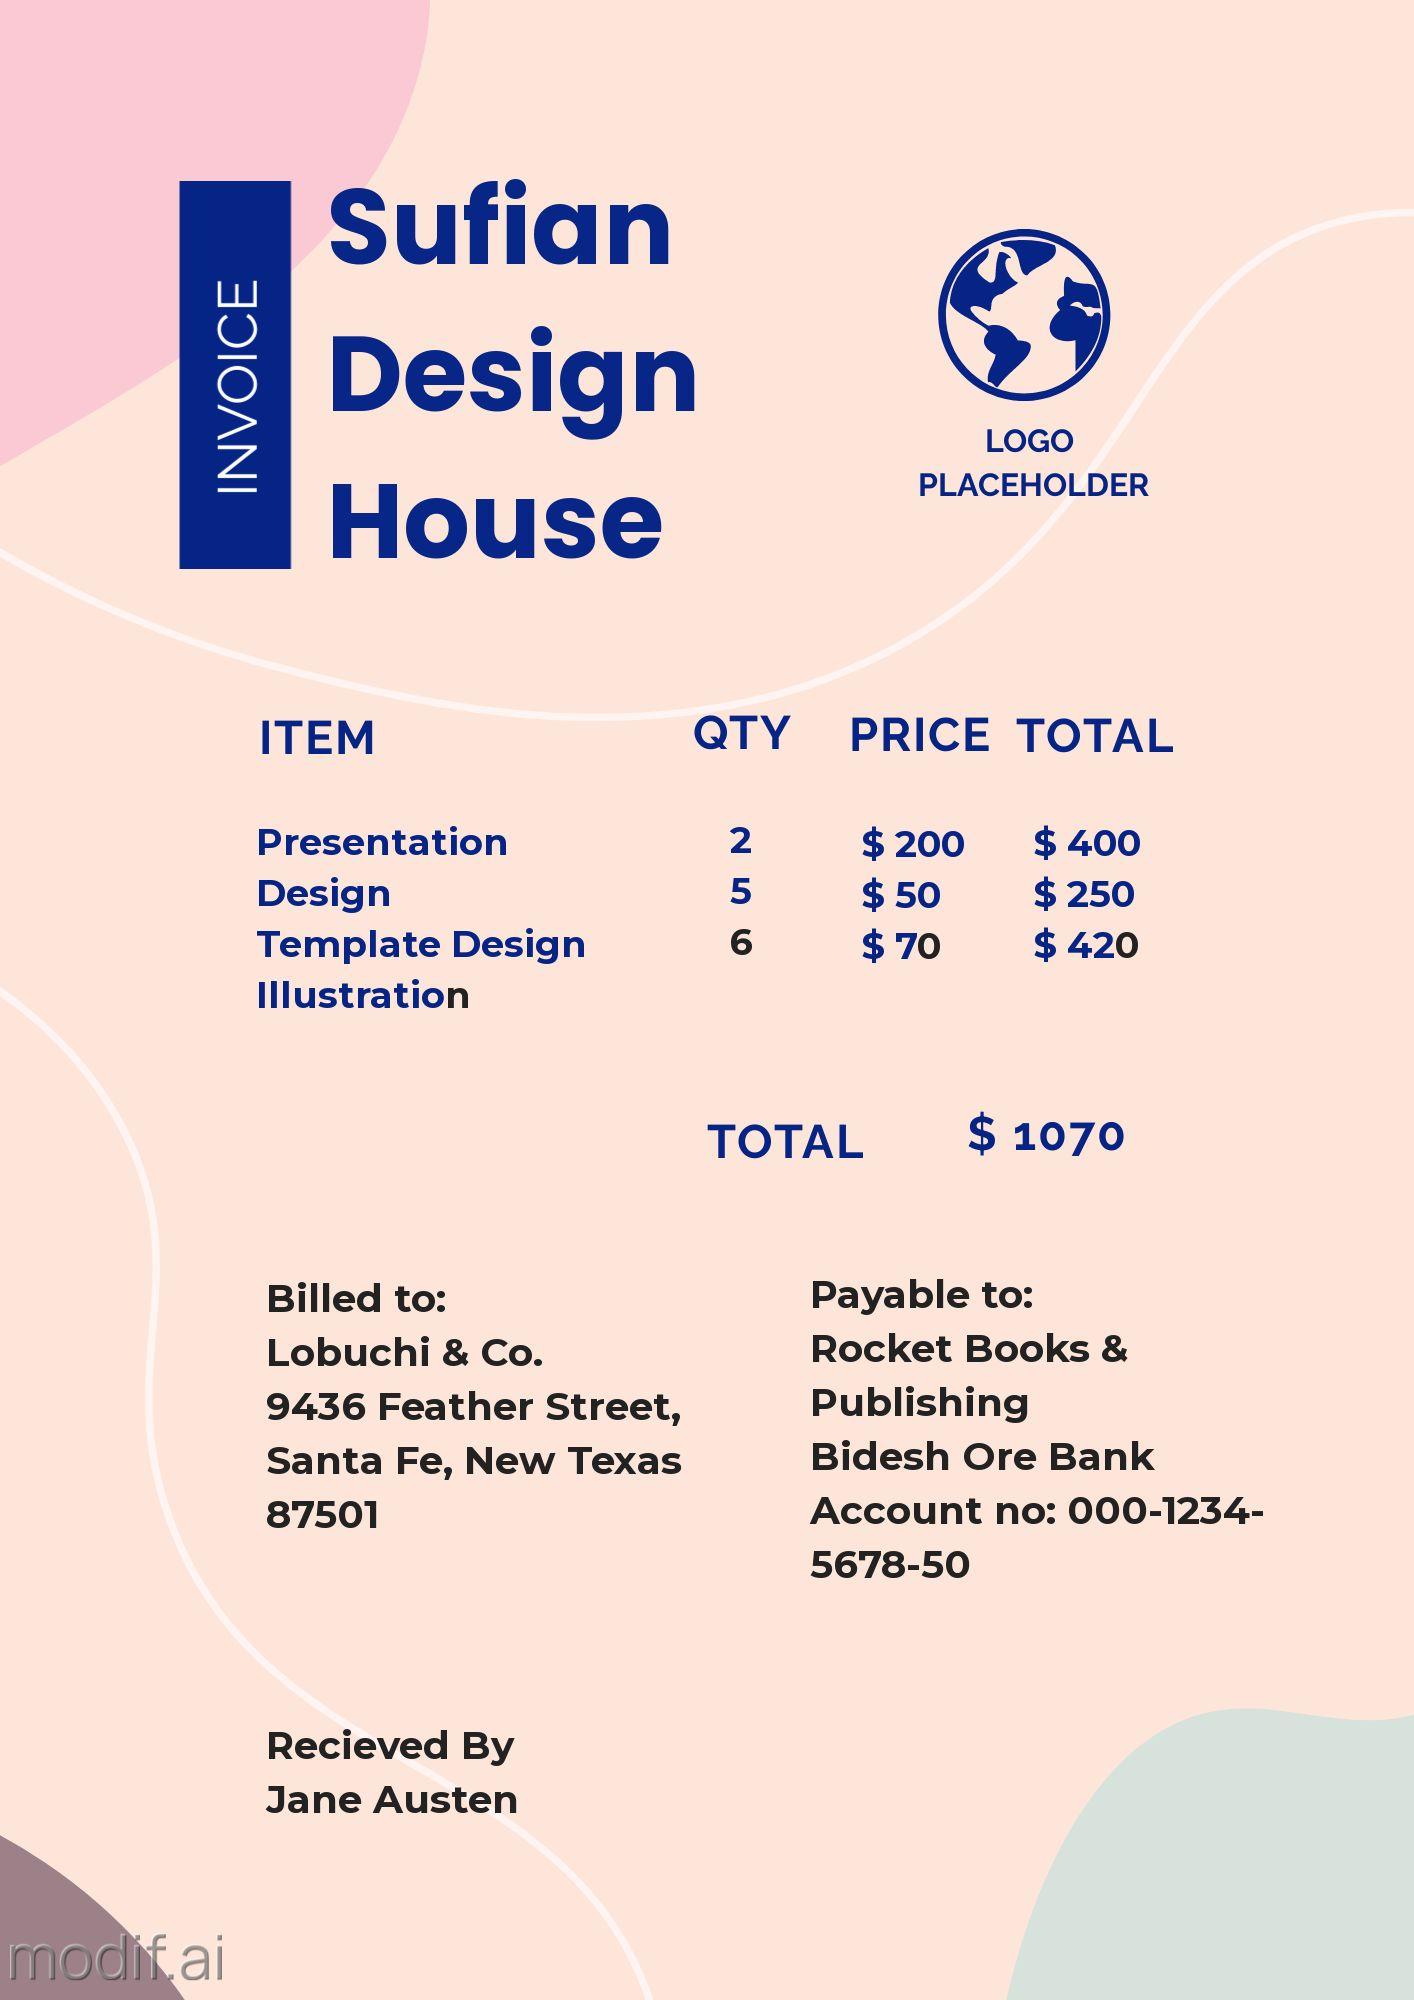 Invoice Design Template for Design Service